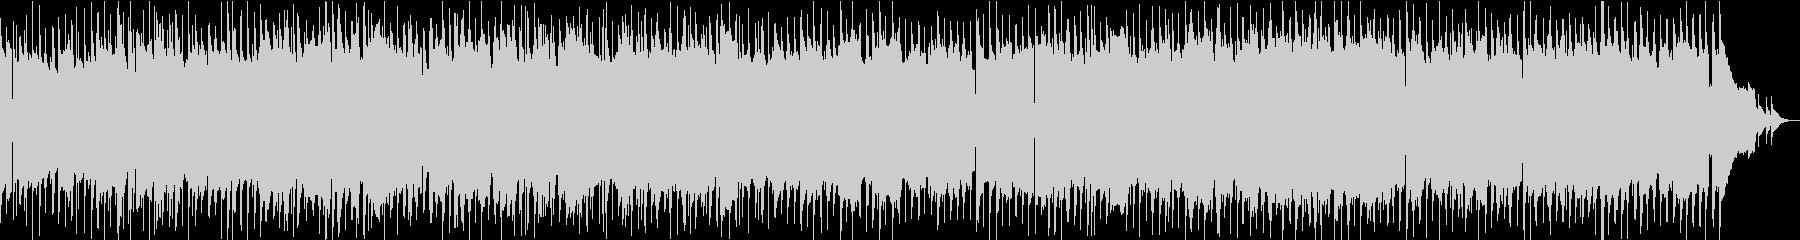 ガットギターを使ったムードスイングジャズの未再生の波形